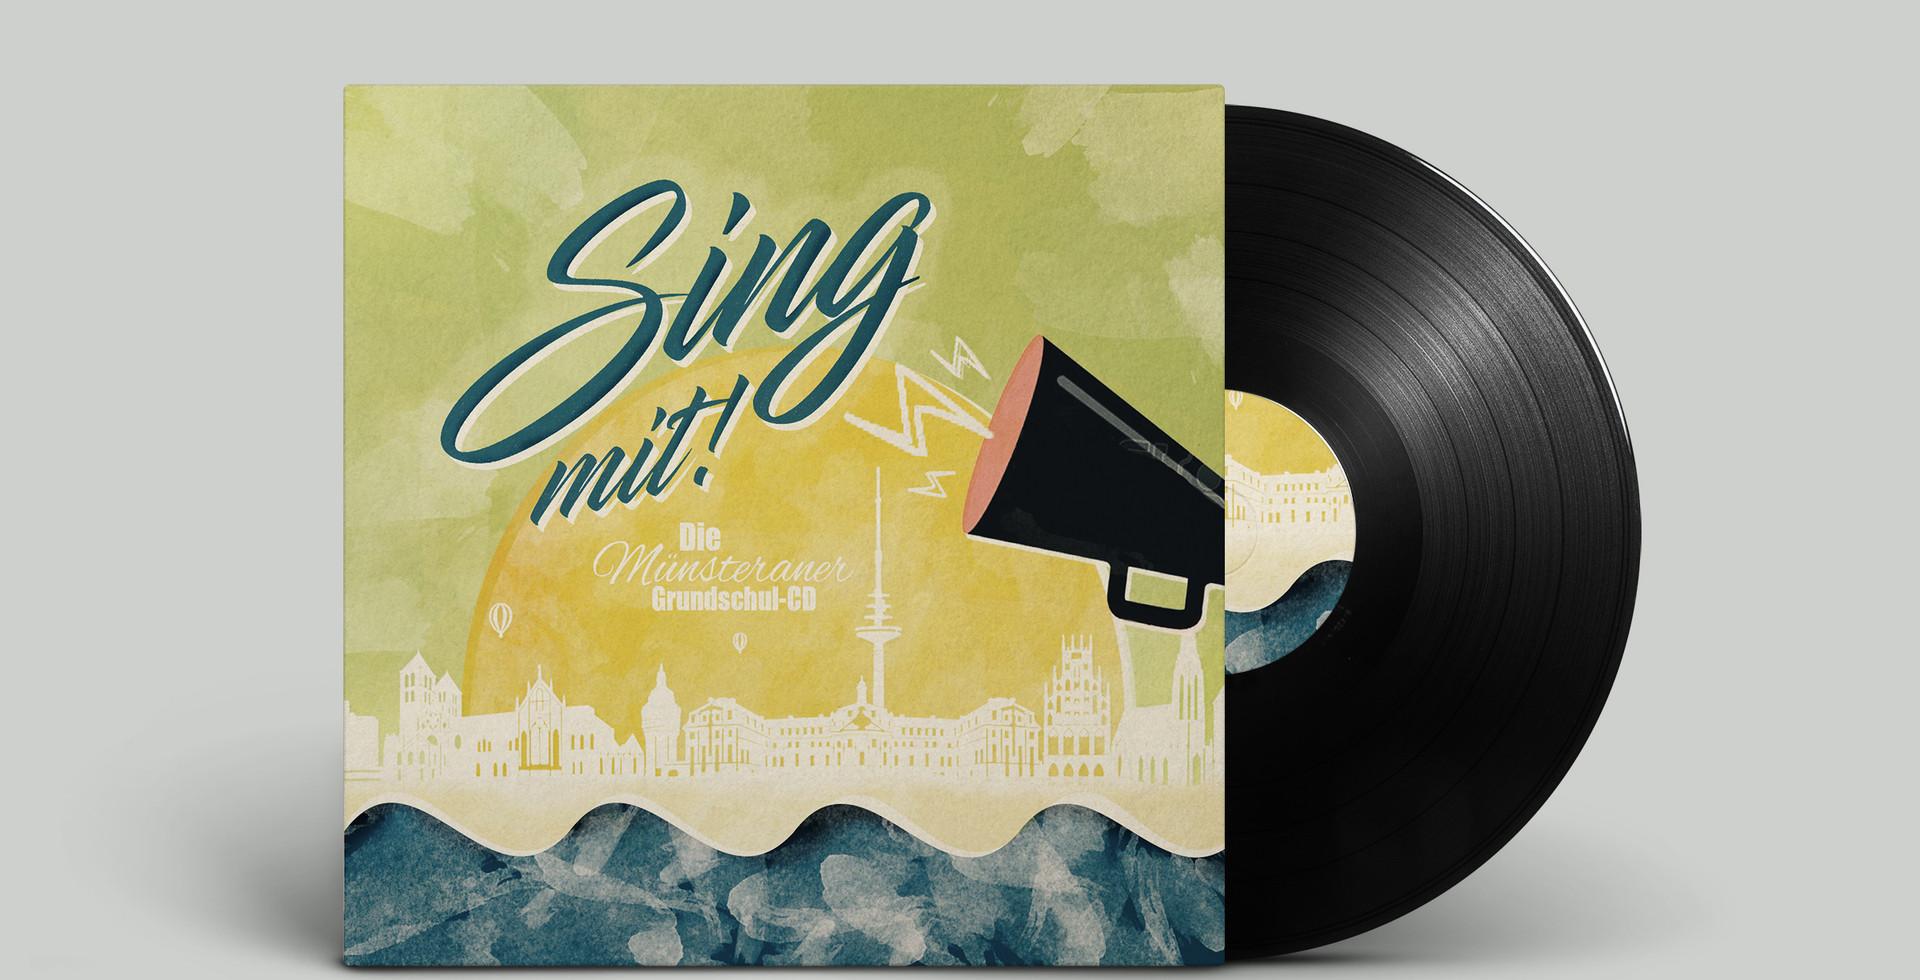 Minimusiker_CD1.jpg